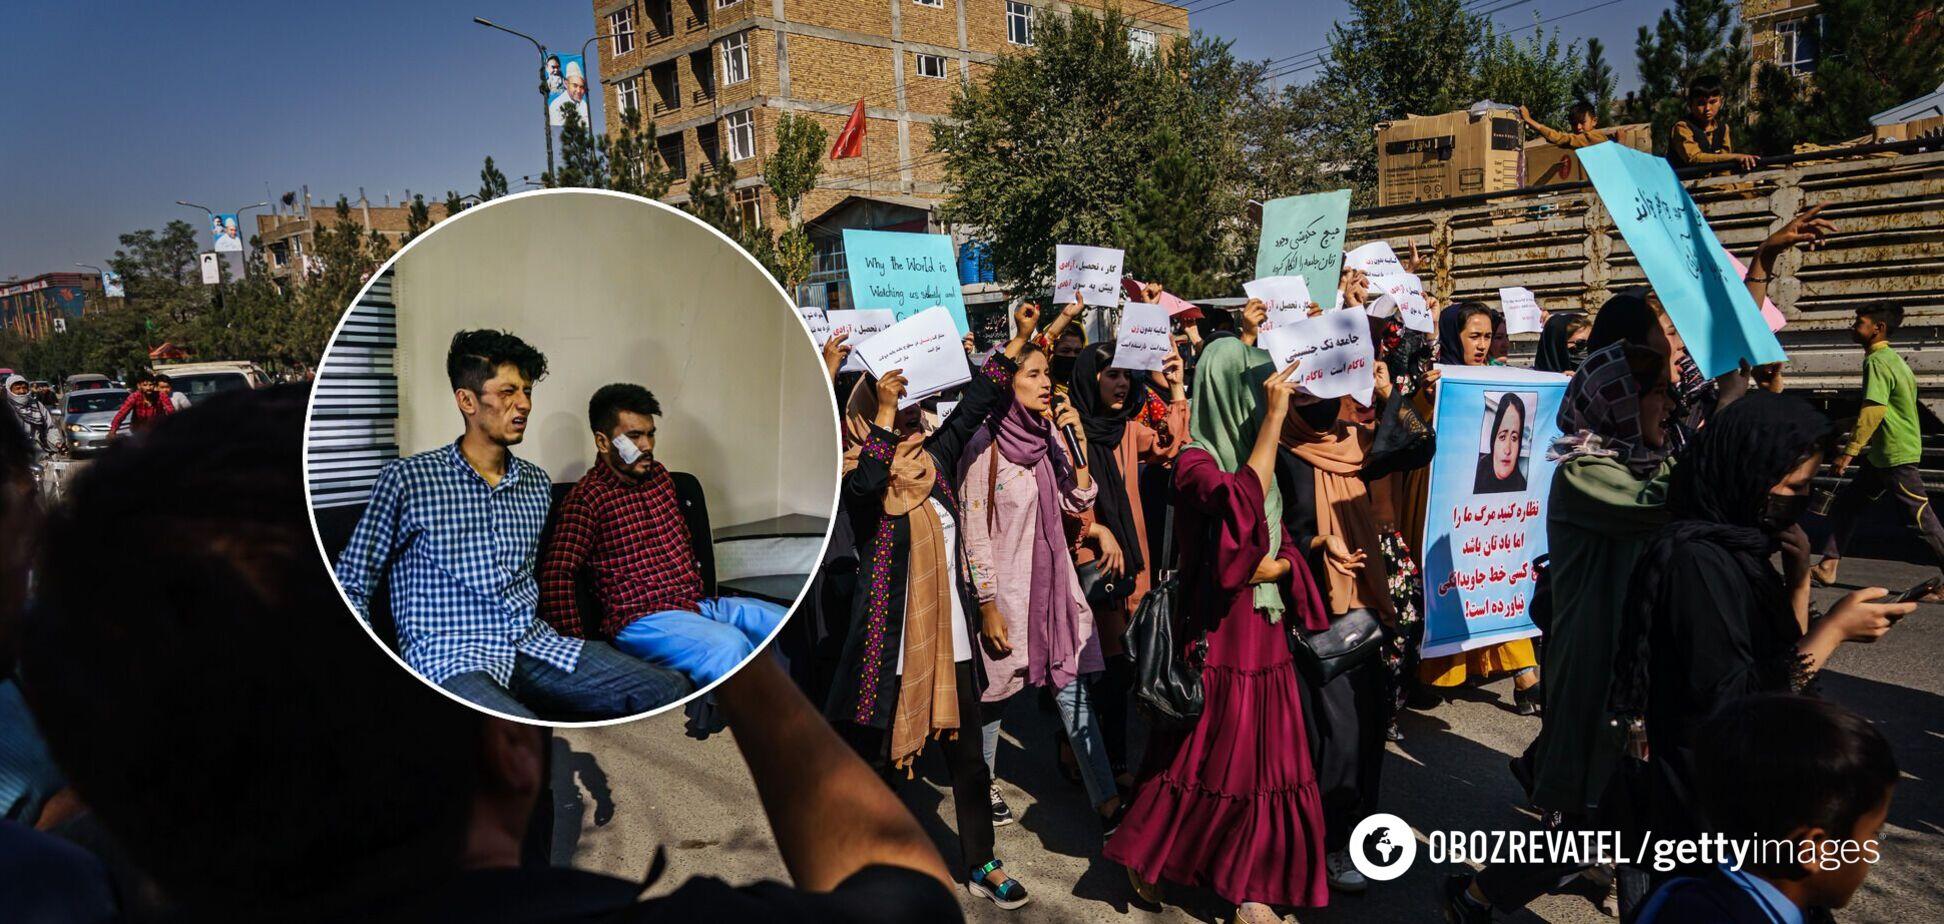 Талибы избили журналистов, которые освещали акцию протеста в Кабуле. Фото 18+